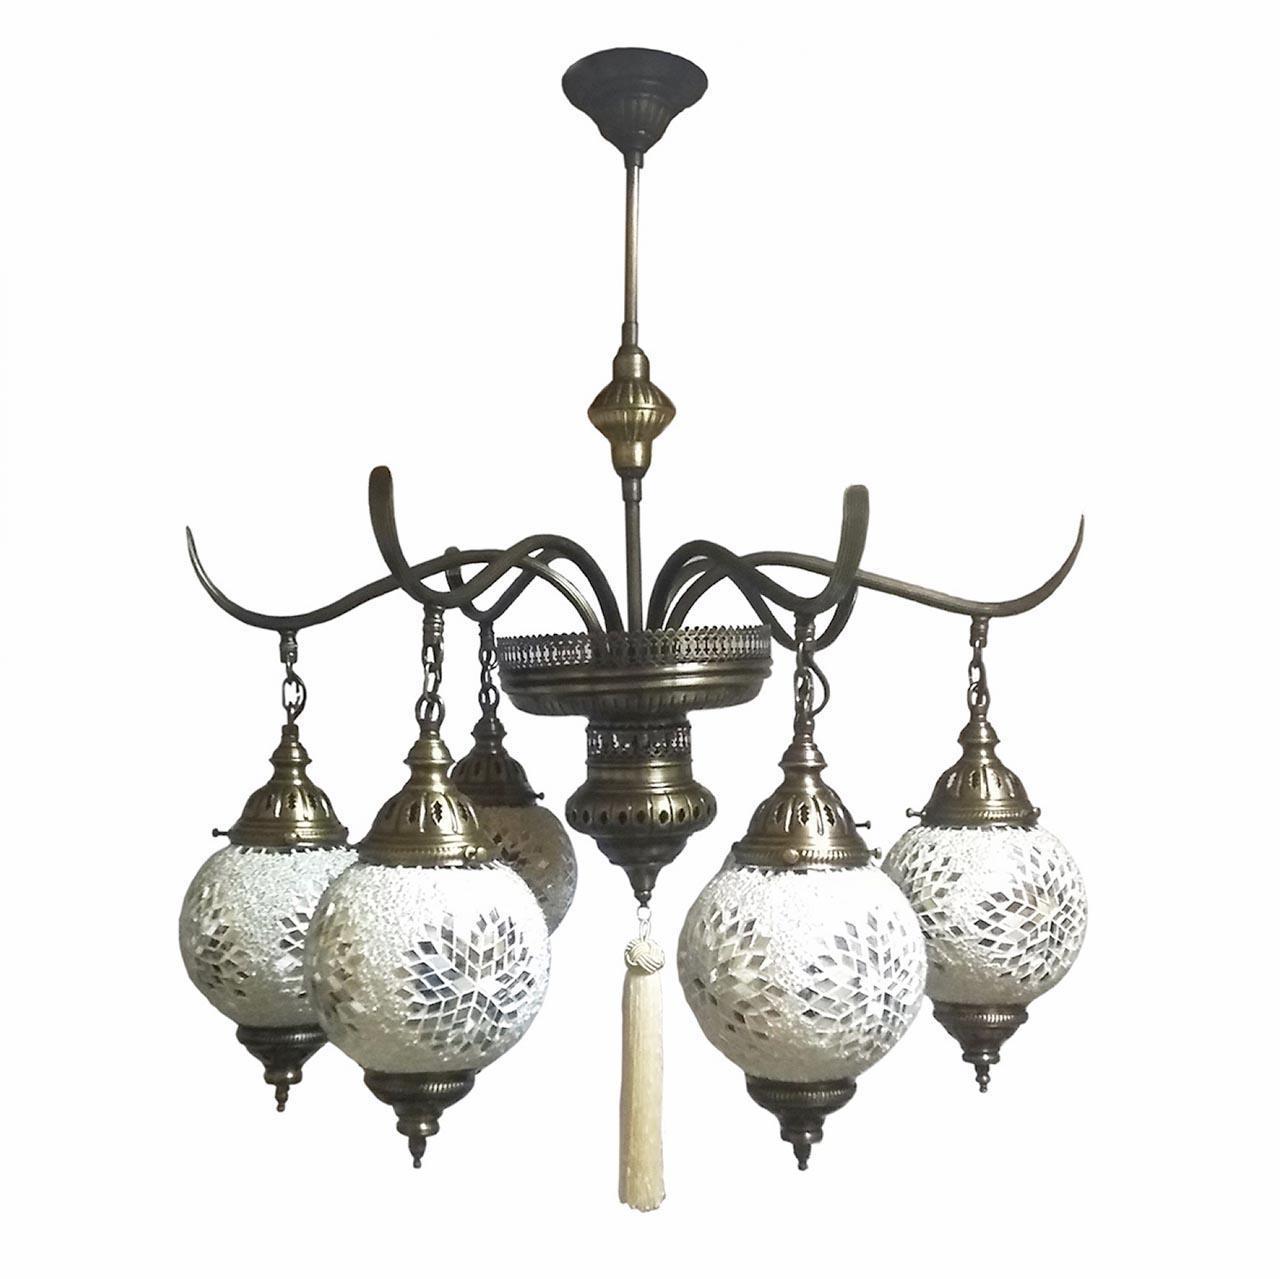 Подвесная люстра Kink Light Марокко 0215Т6,01(80) kink light подвесная люстра kink light марокко 0215т 6 05 70 w